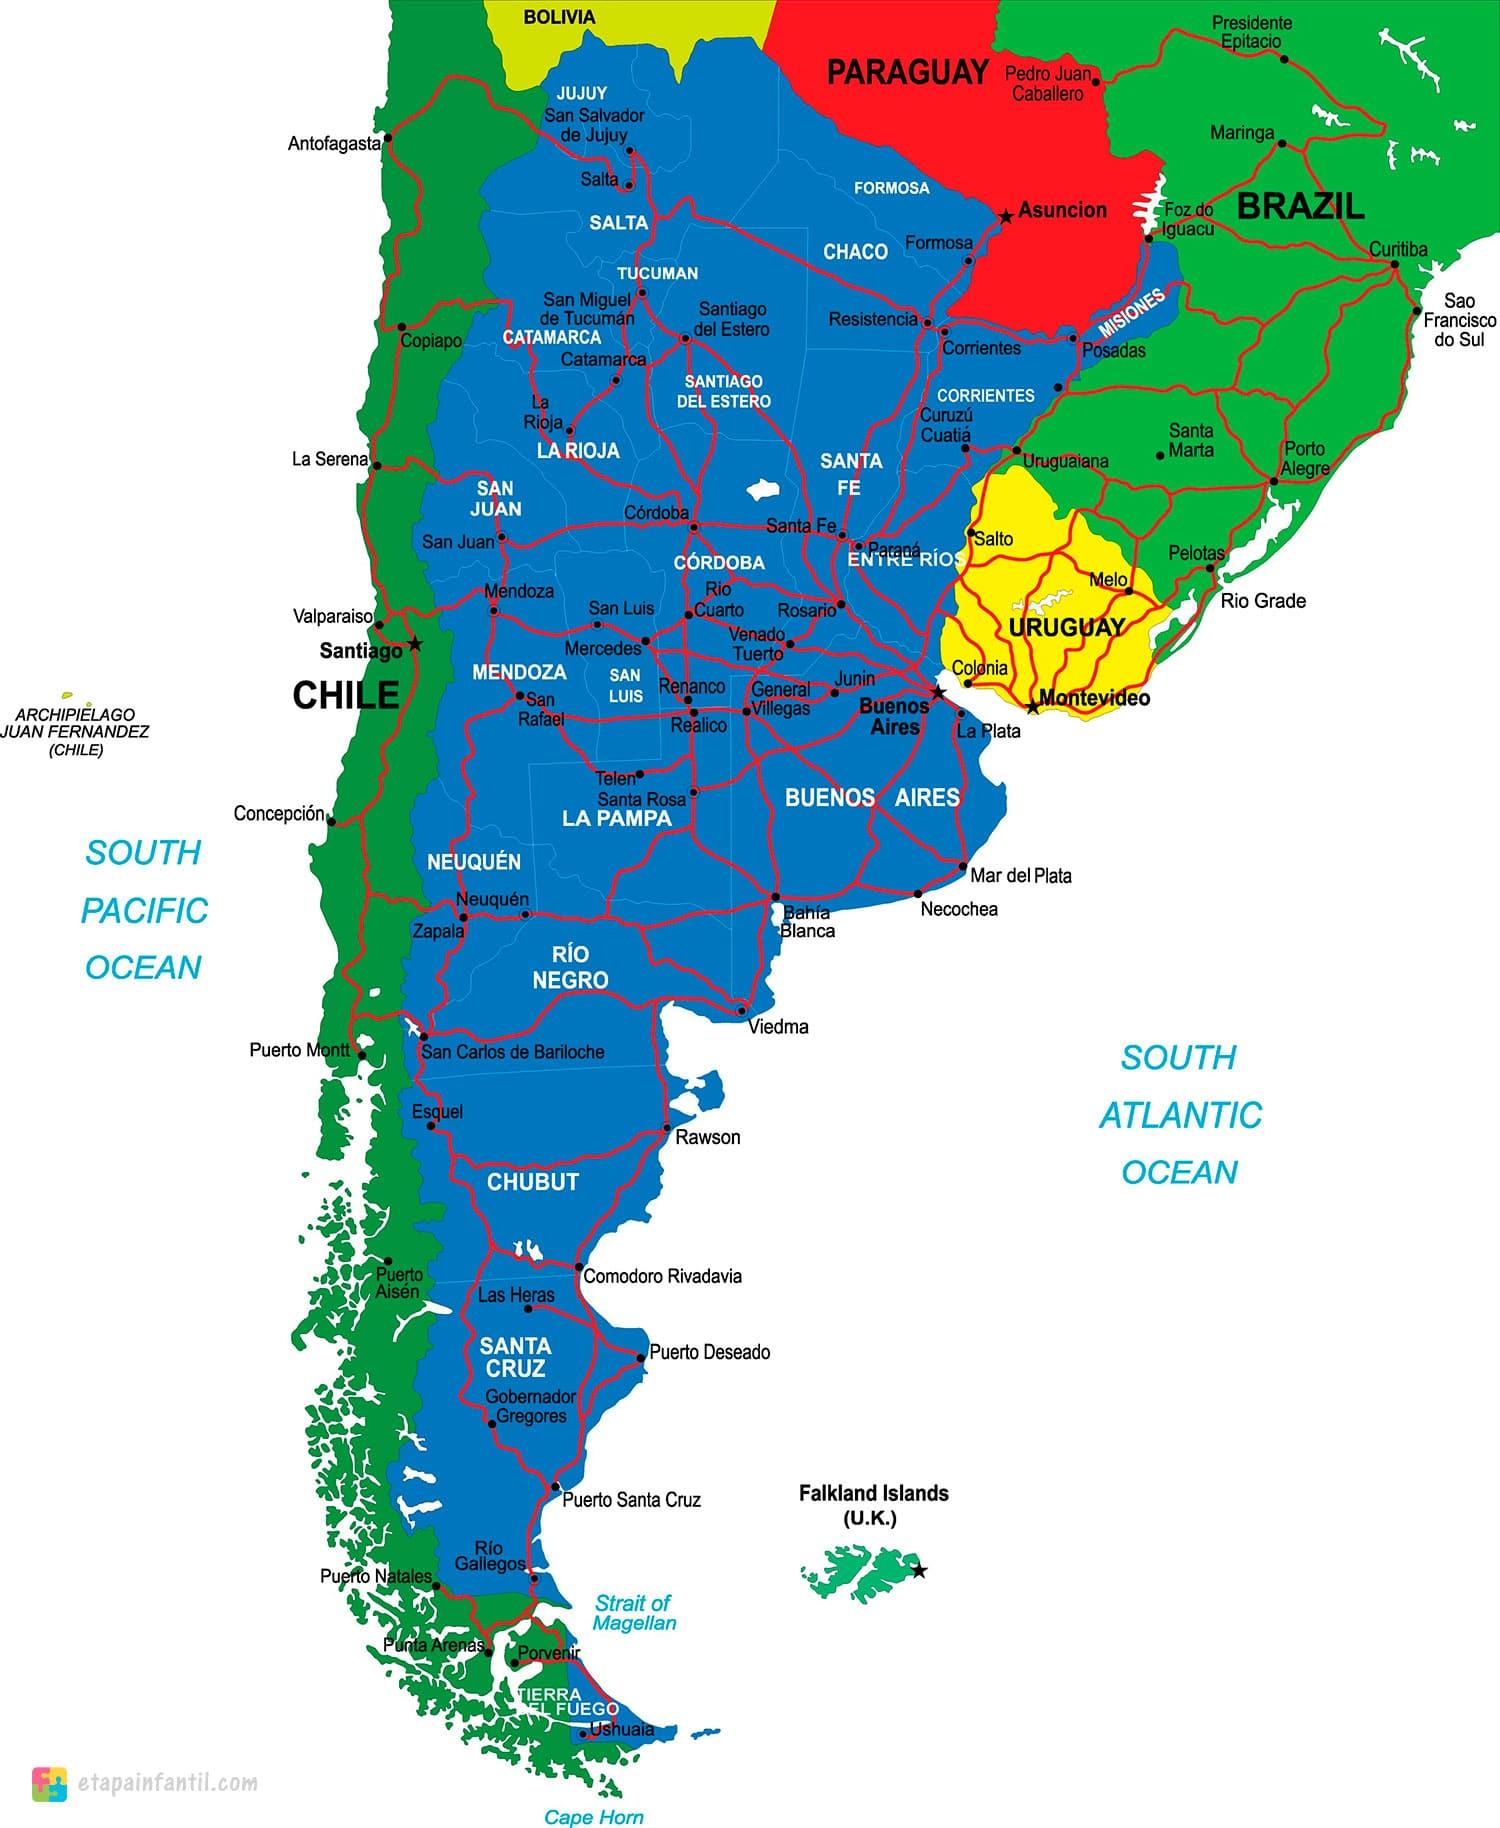 Mapa de fronteras de Argentina para imprimir